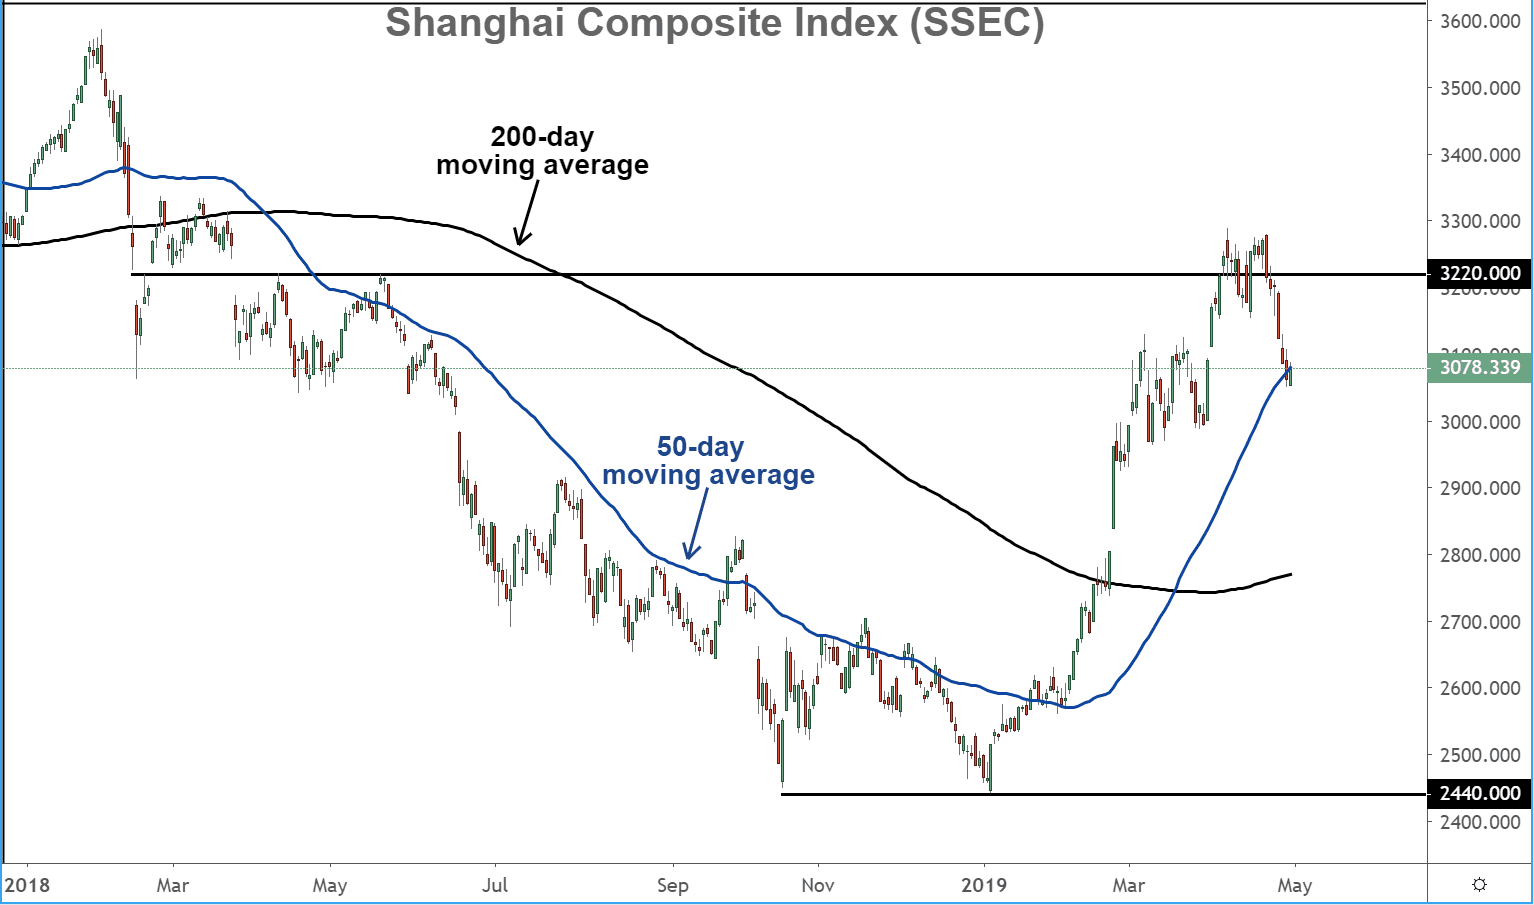 Shanghai Composite Index (SSEC)